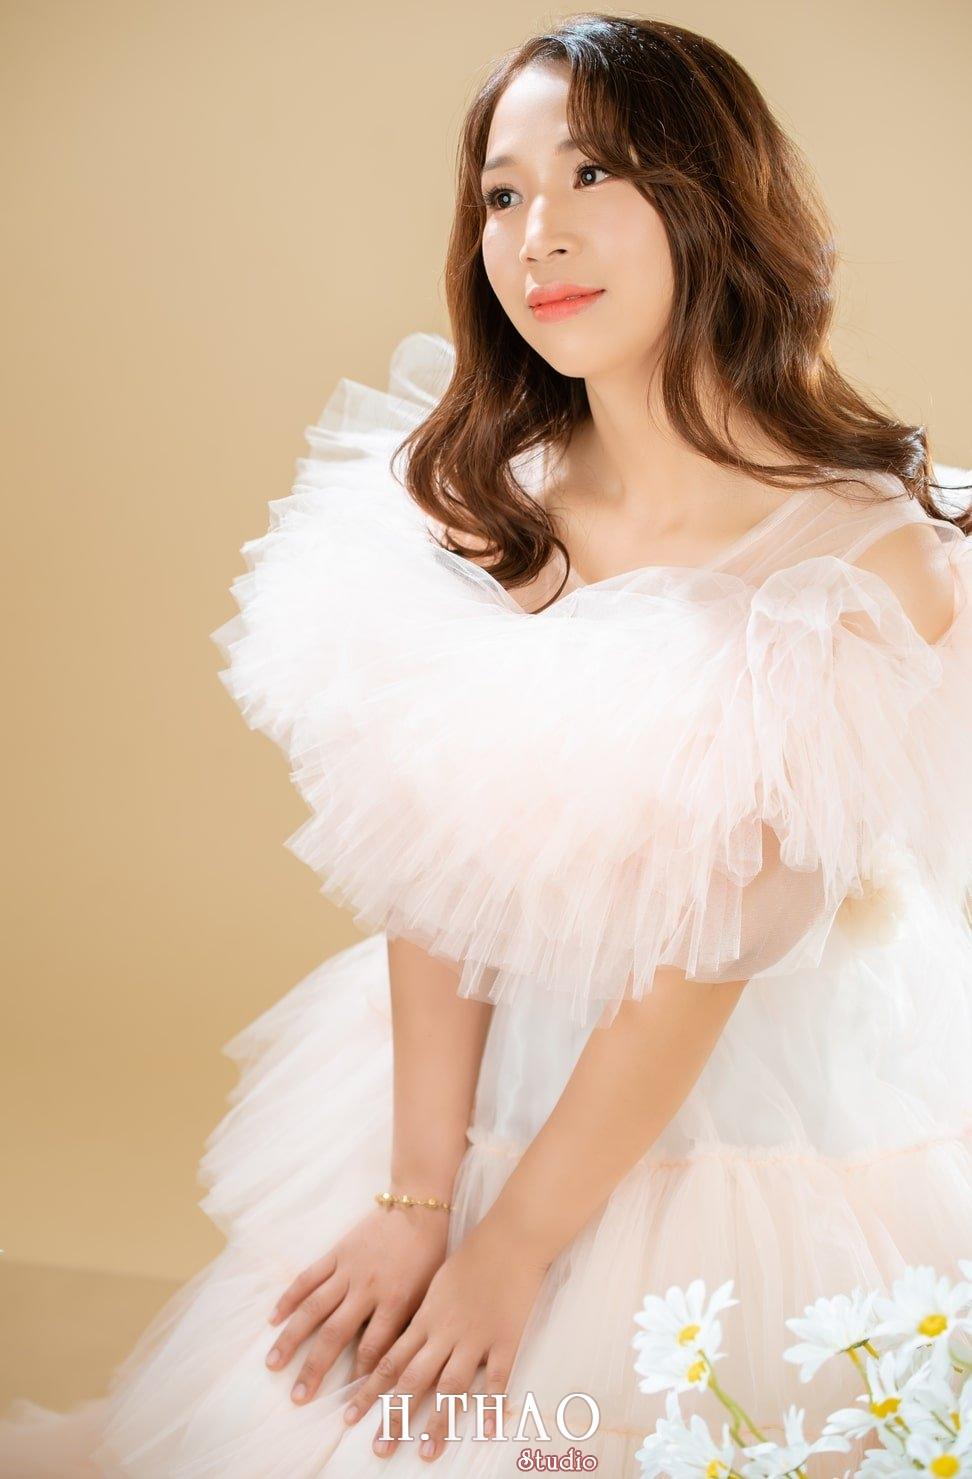 Anh Beauty 7 - Album ảnh beauty bé Sang đẹp nhẹ nhàng - HThao Studio